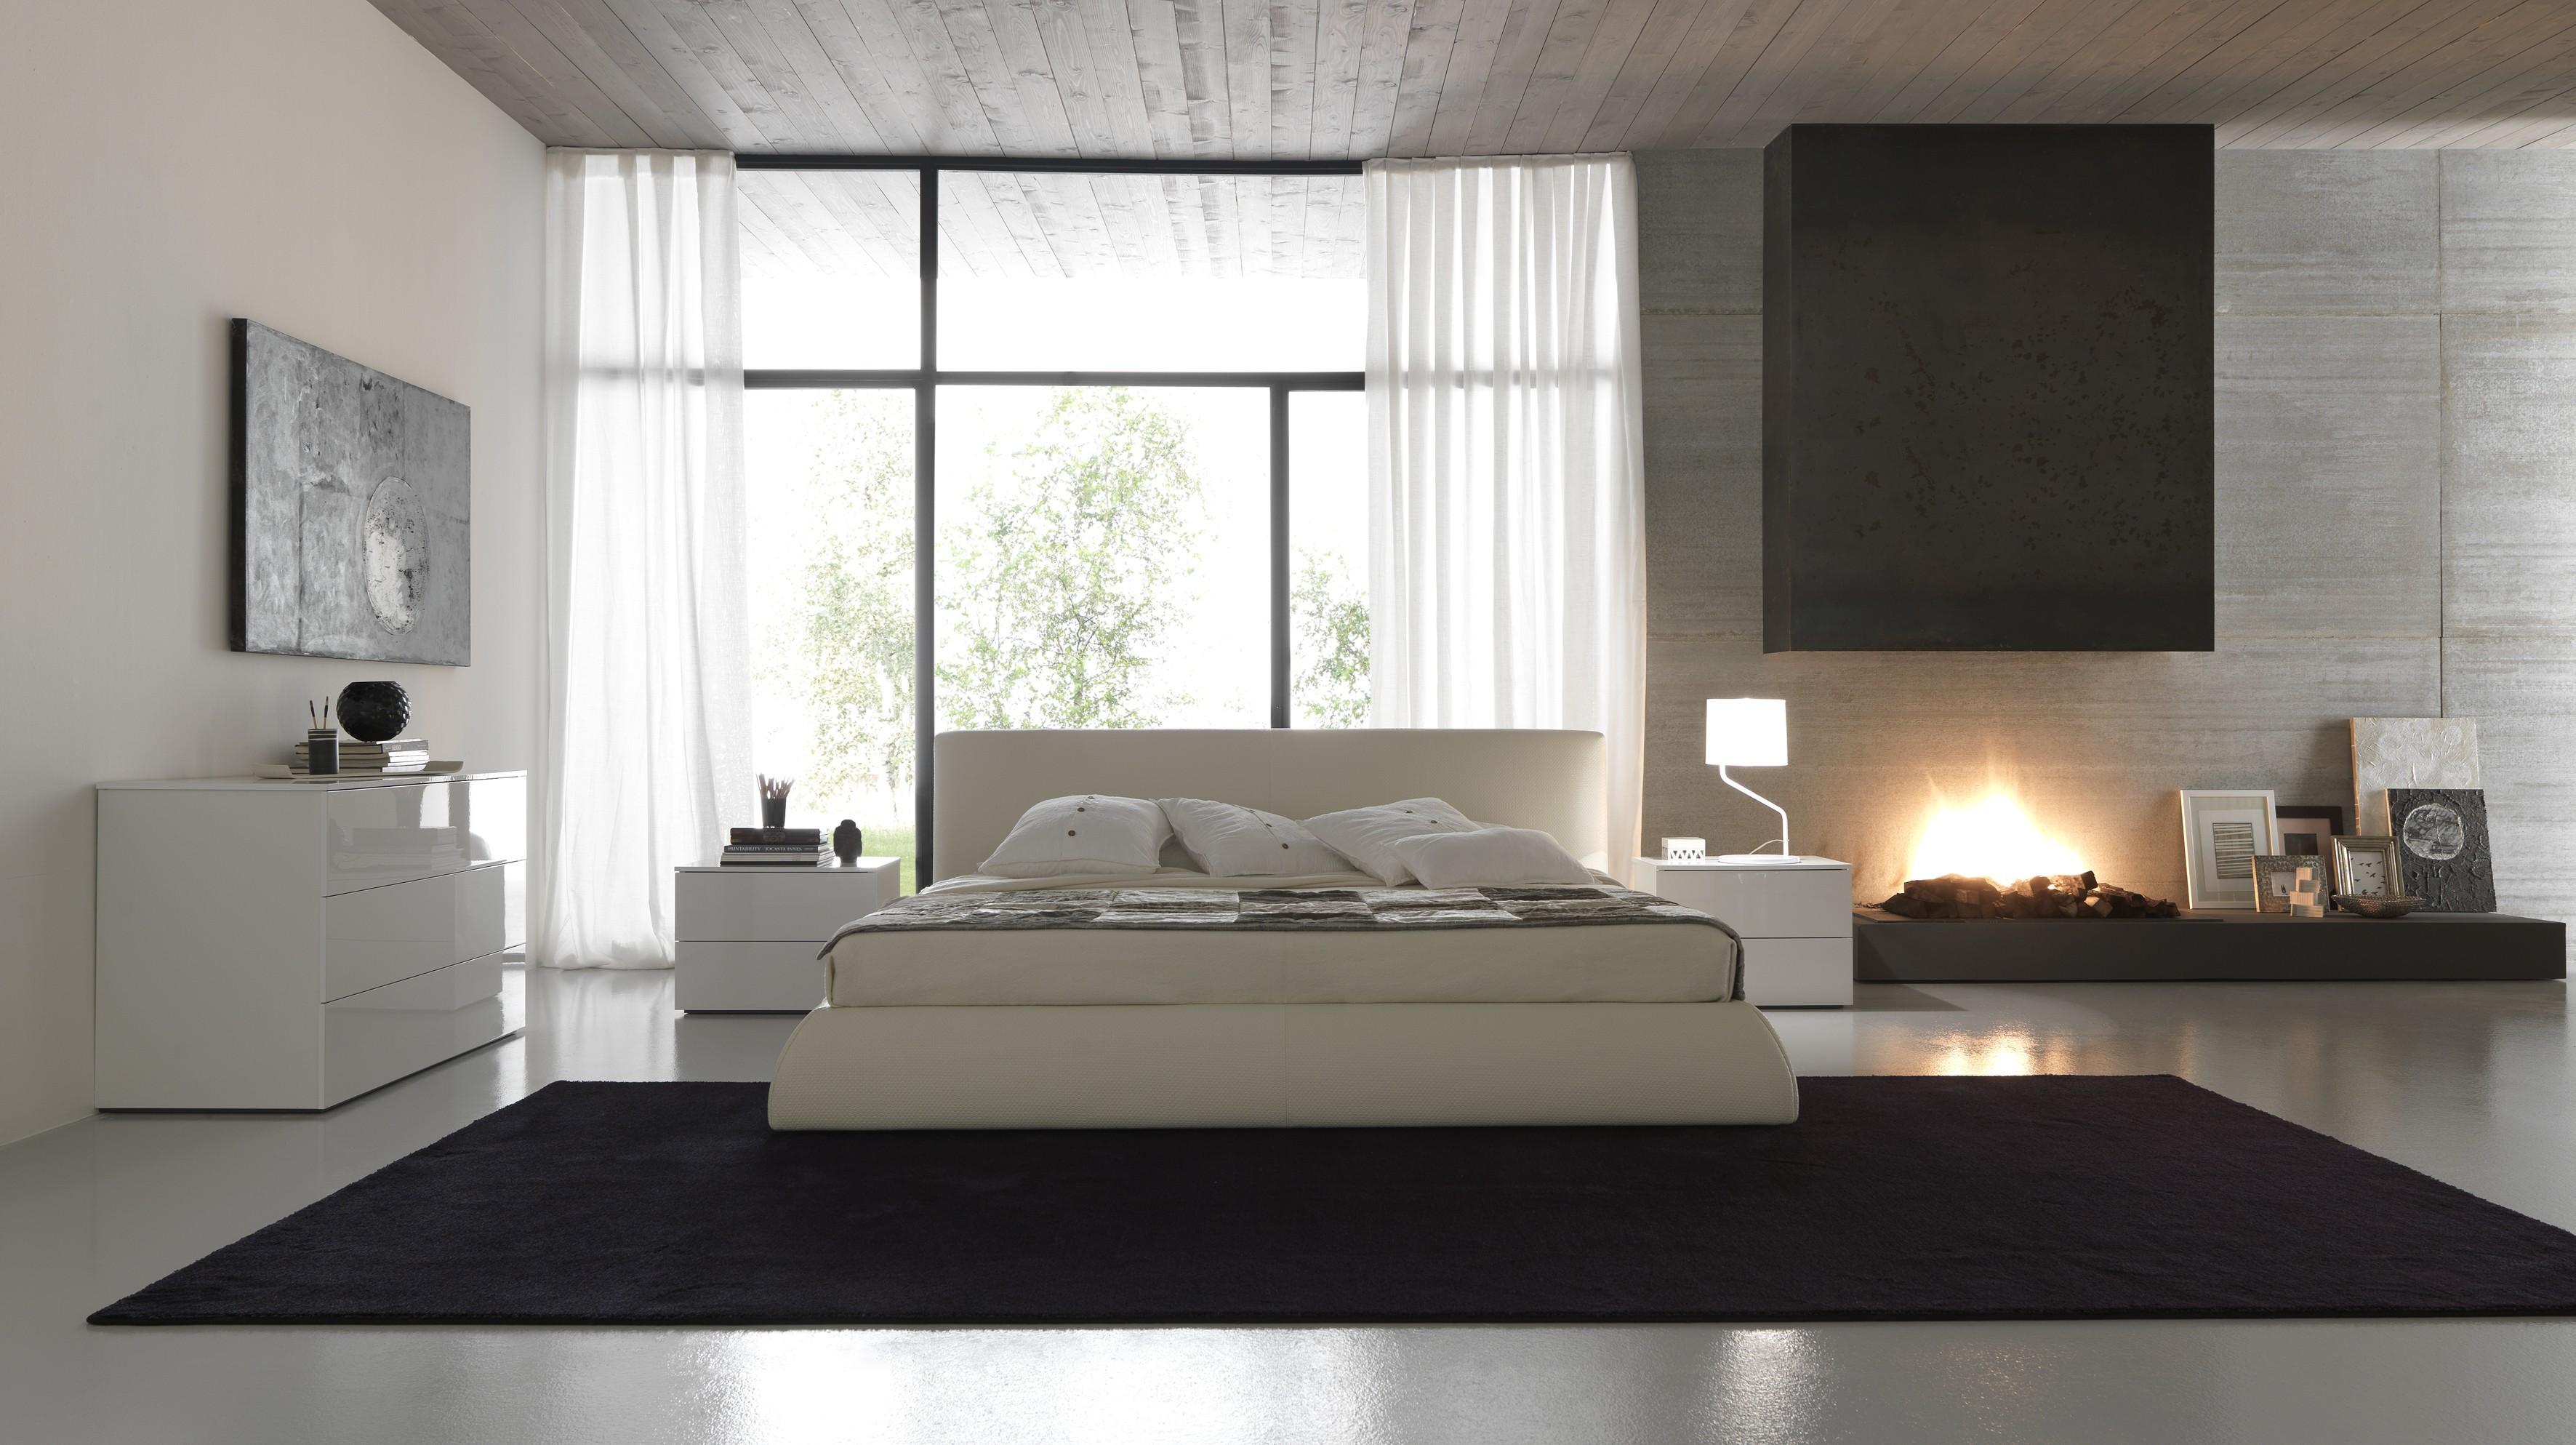 Dop actief magazine dop makelaars voor wonen in binnen en buitenland for Interieur design huis